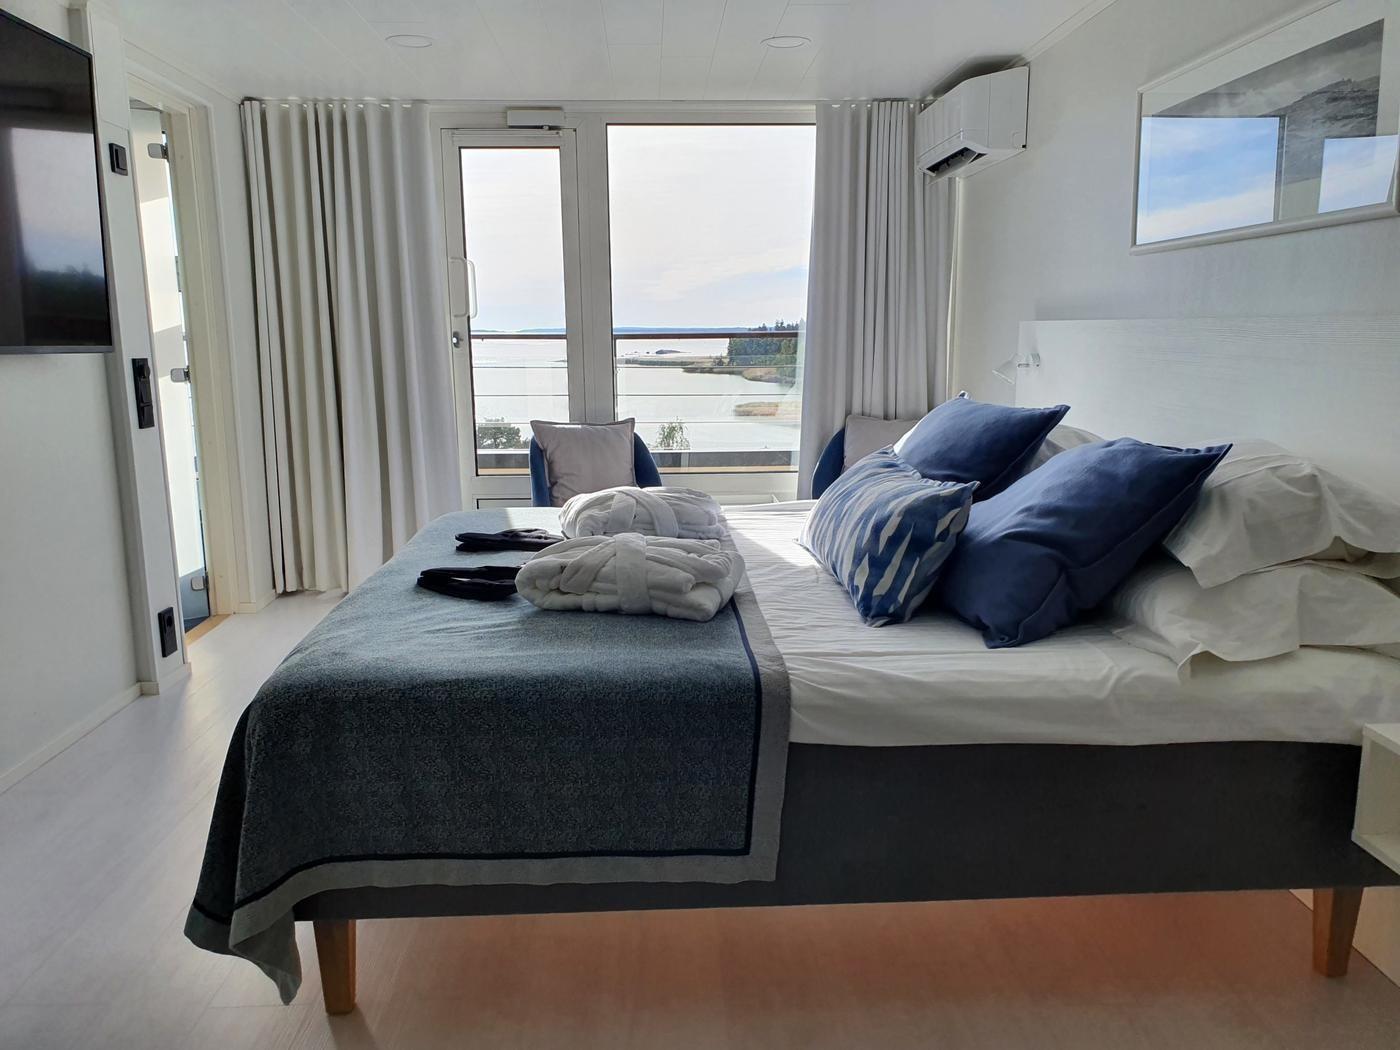 En hotellsäng med fin utsikt över havet.